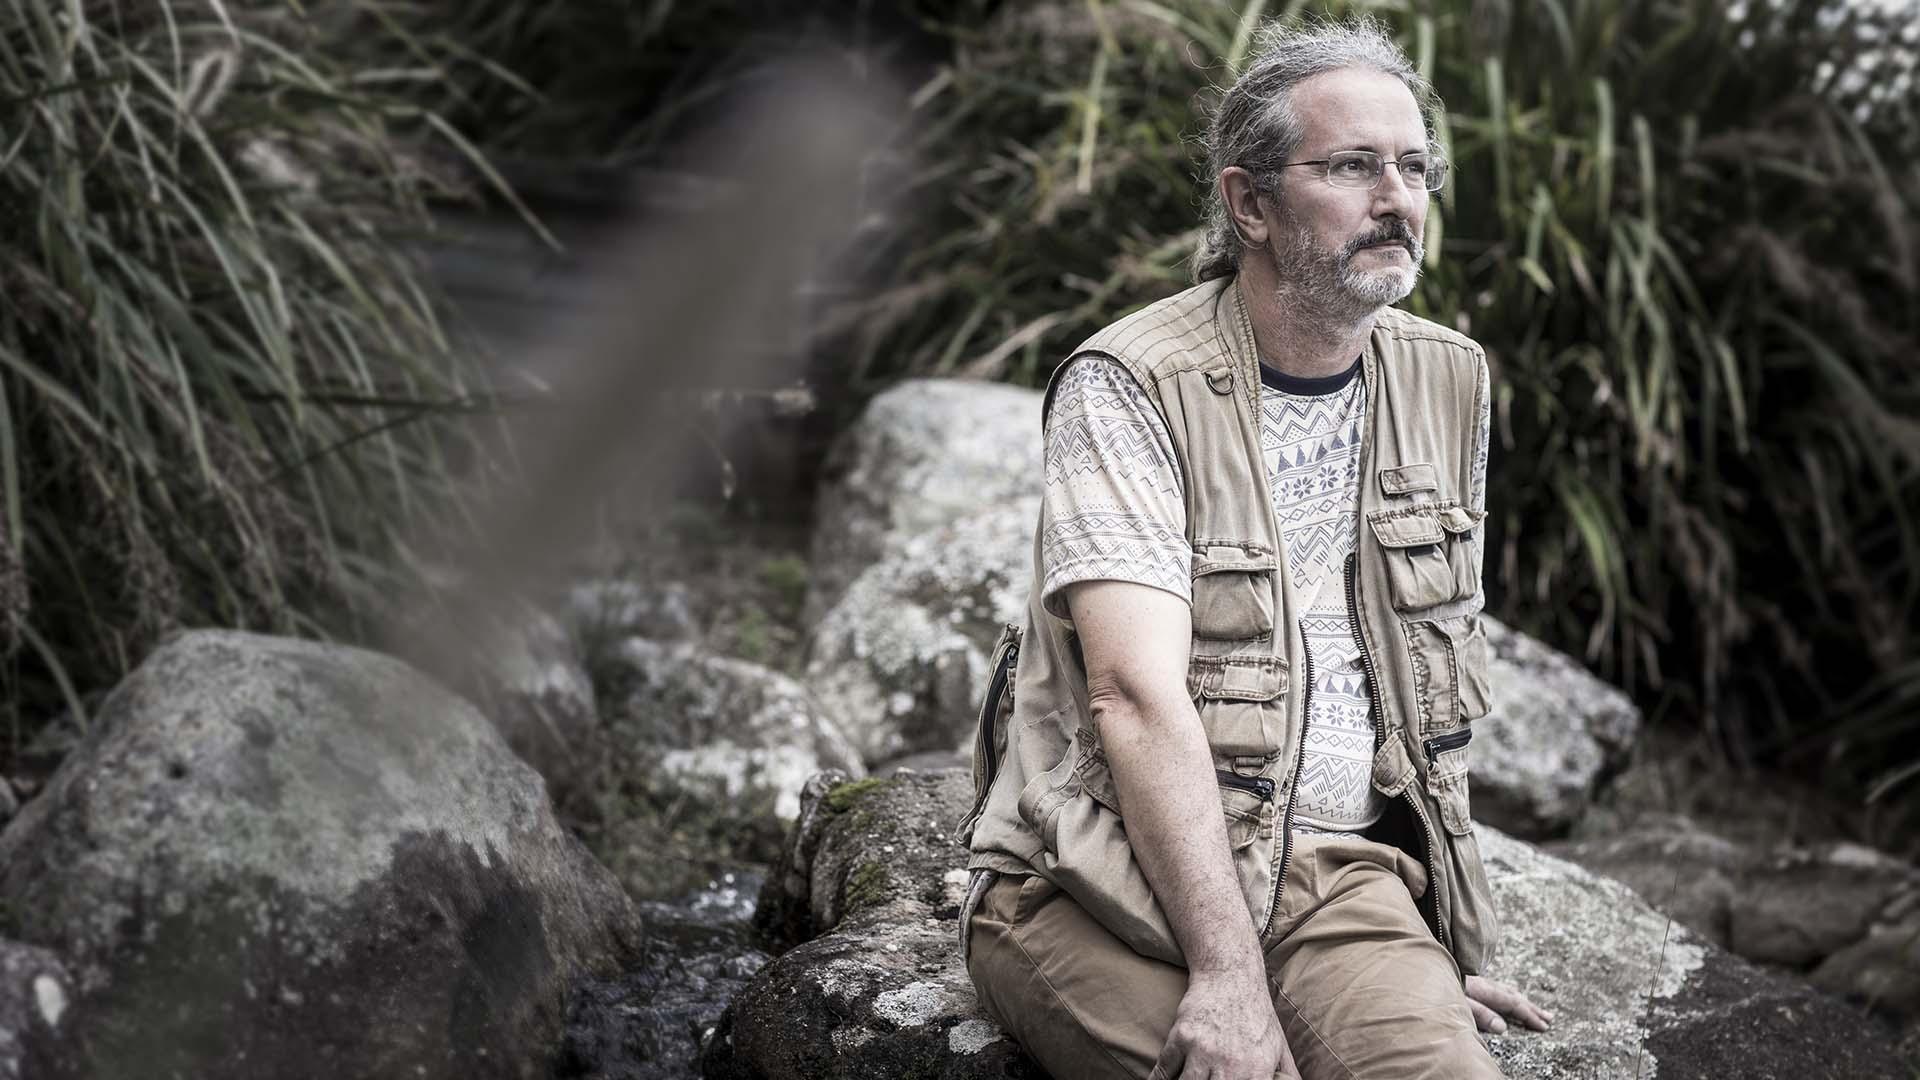 Archaeologist Dr Gerrit van den Bergh